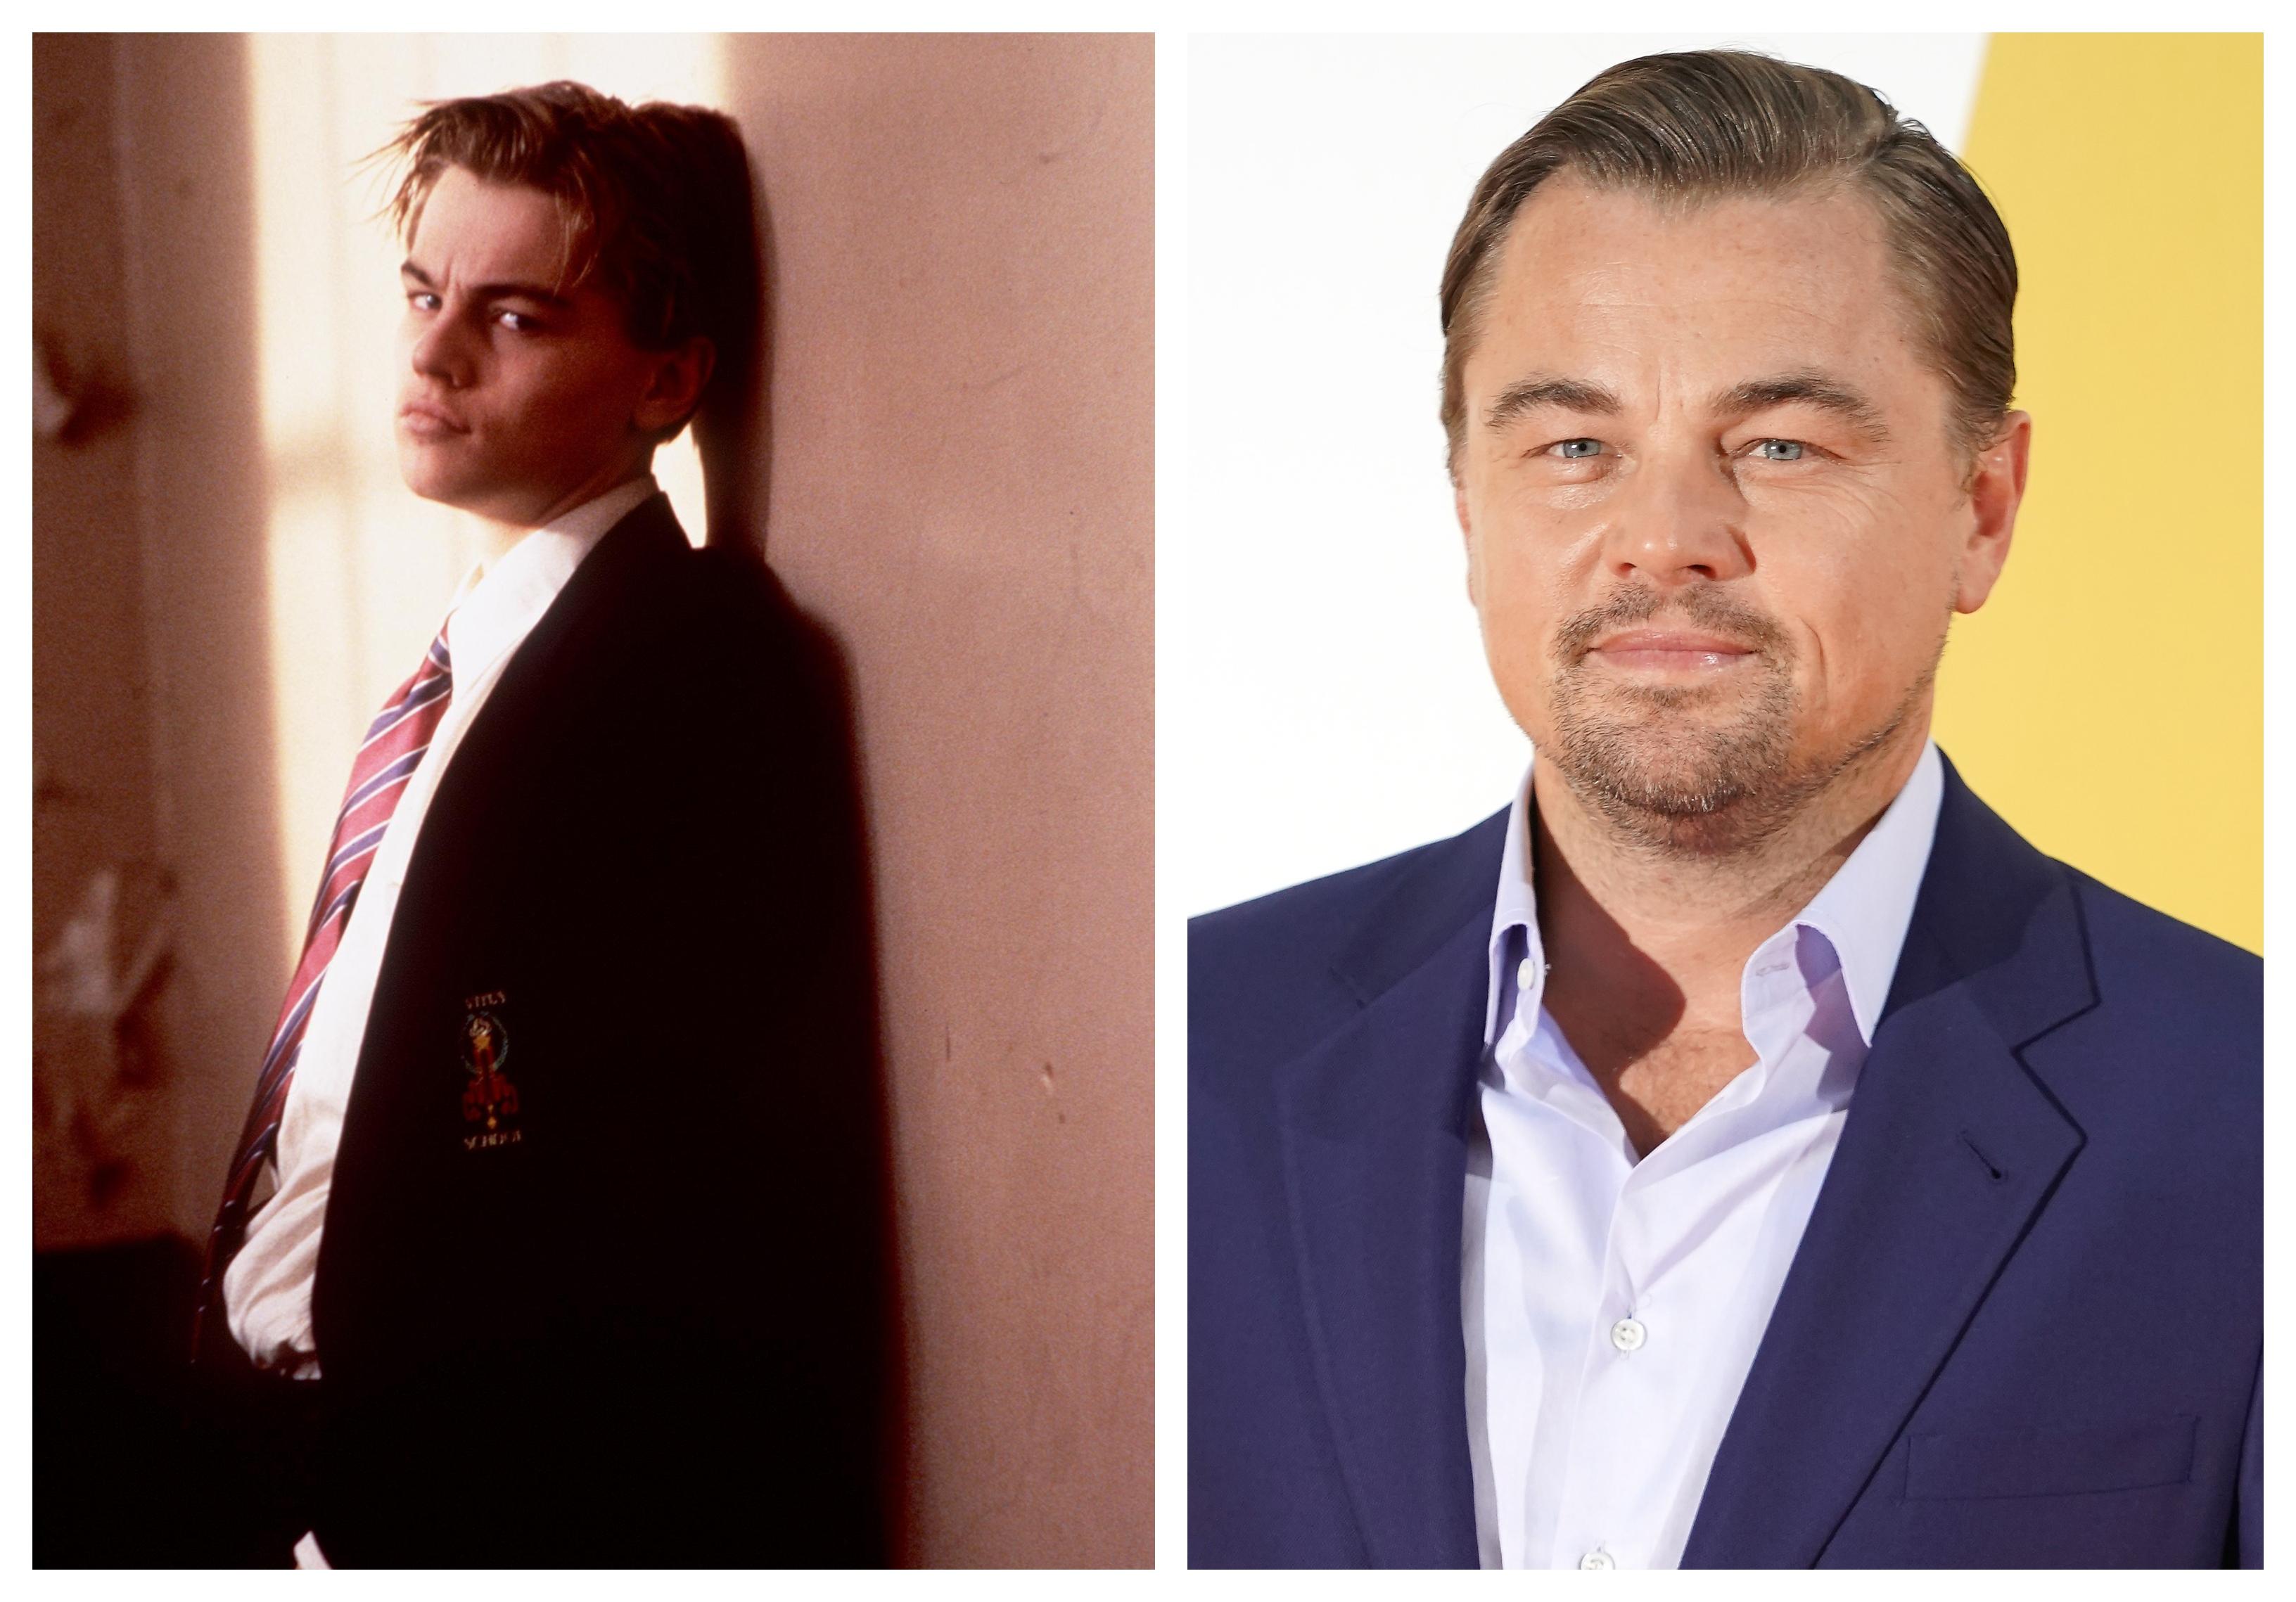 <p><strong>Леонардо Ди Каприо</strong> - Той вече беше номиниран за &bdquo;Оскар&ldquo;, когато придоби световна слава с филма &bdquo;Титаник&ldquo;. Но преди това Лео се бори за най-престижната награда с ролята си във филма &bdquo;Защо тъгува Гилбърт Грейп&ldquo;. Ди Каприо има много успешни роли във филмите&nbsp; &bdquo;Плажът&ldquo;, &bdquo;Бандите на Ню Йорк&ldquo;, &bdquo; Авиаторът&ldquo;,&nbsp; &bdquo;Кървав диамант&ldquo;.&nbsp;Актьорът печели първия си &bdquo;Оскар&ldquo; през 2016 г. А последният му проект е &bdquo;Имало едно време в Холивуд&ldquo;, 2019 г.&nbsp;</p>